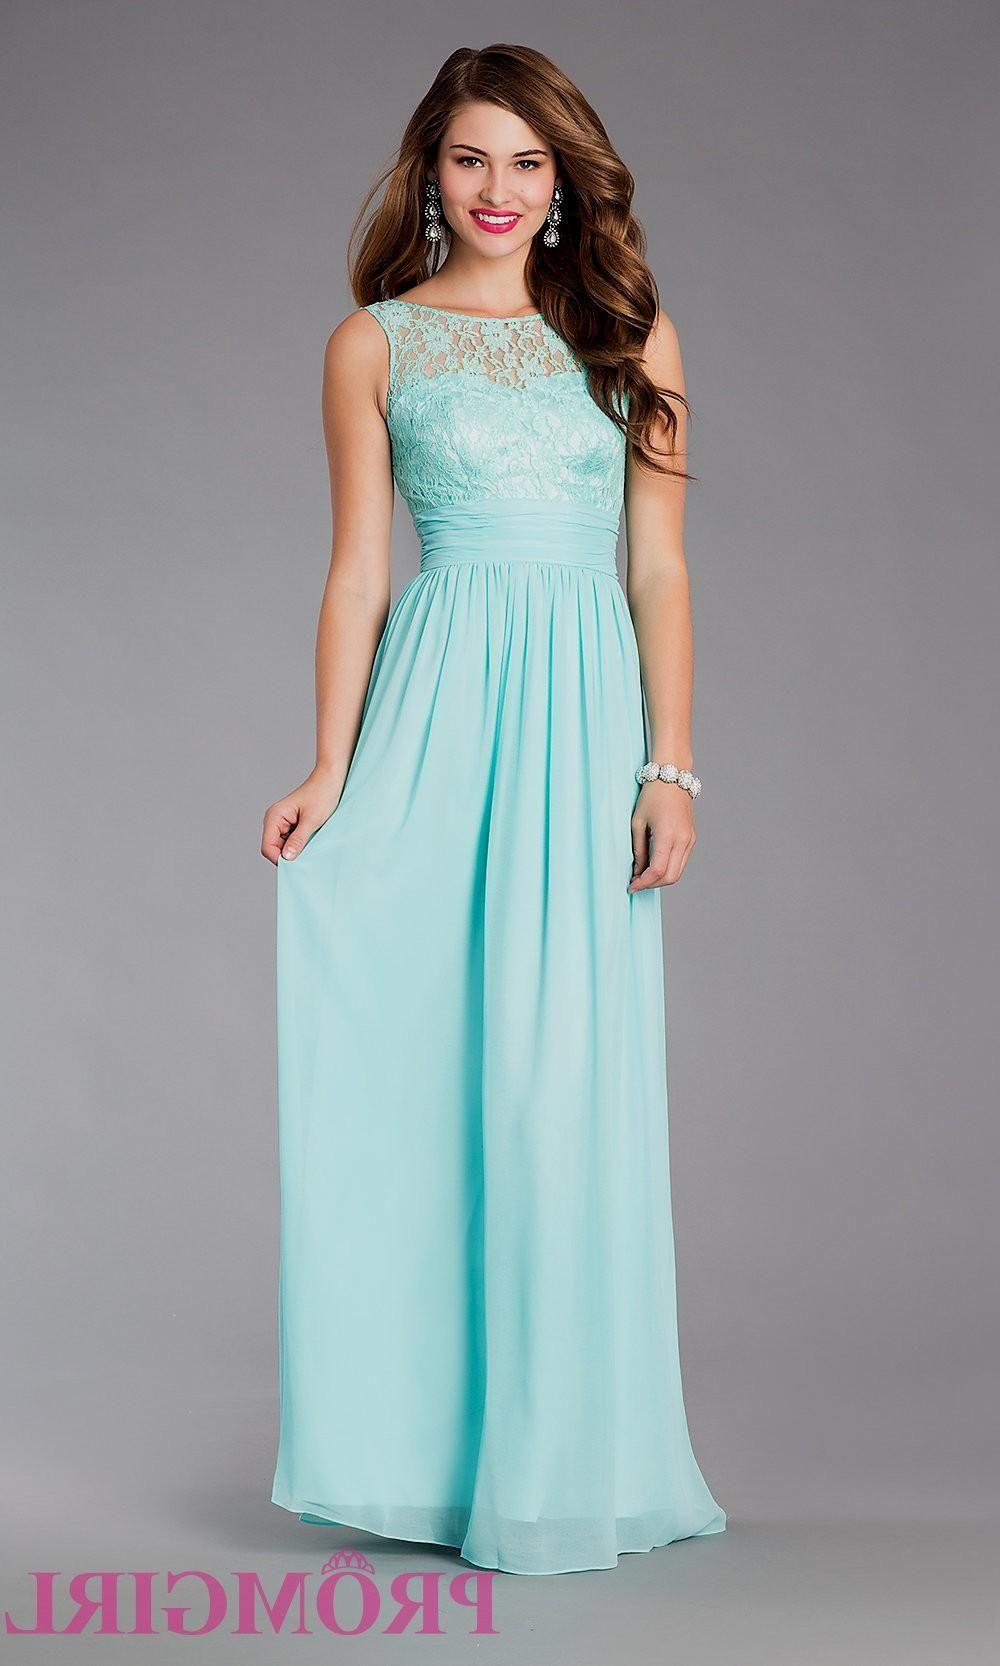 Pastel Blue Prom Dress Naf Dresses Idées Robes De Fiançailles